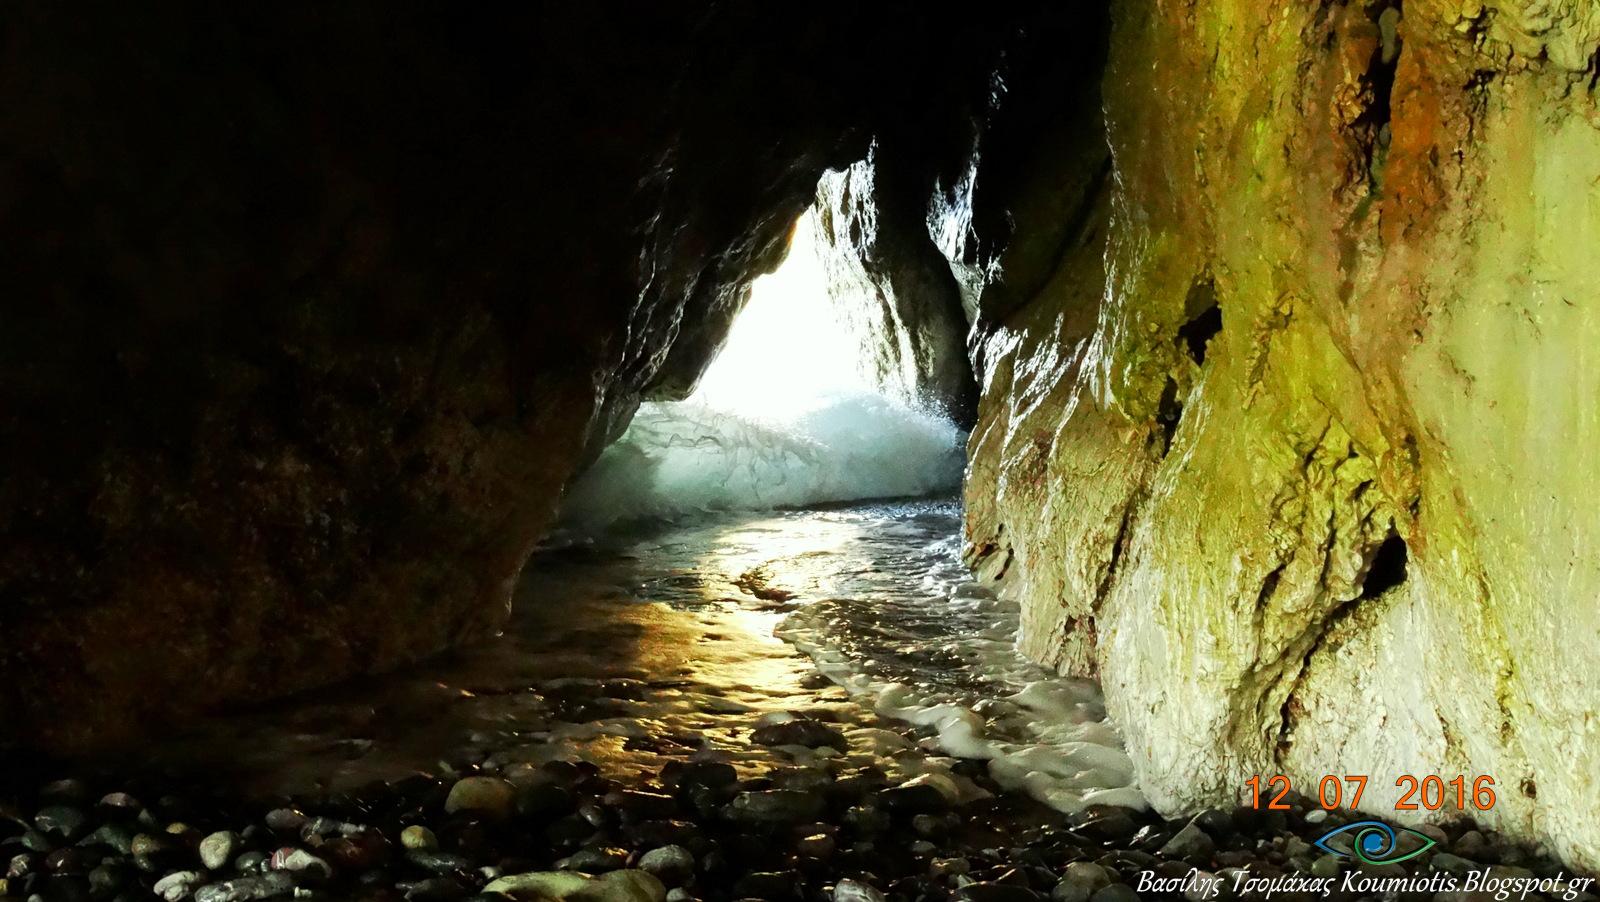 Η Χιλιαδού βρίσκεται στην κεντρική Εύβοια, στην πλευρά που βλέπει προς το Αιγαίο - πηγή: Βασίλης Τσομάκας (koumiotis.blogspot.gr)